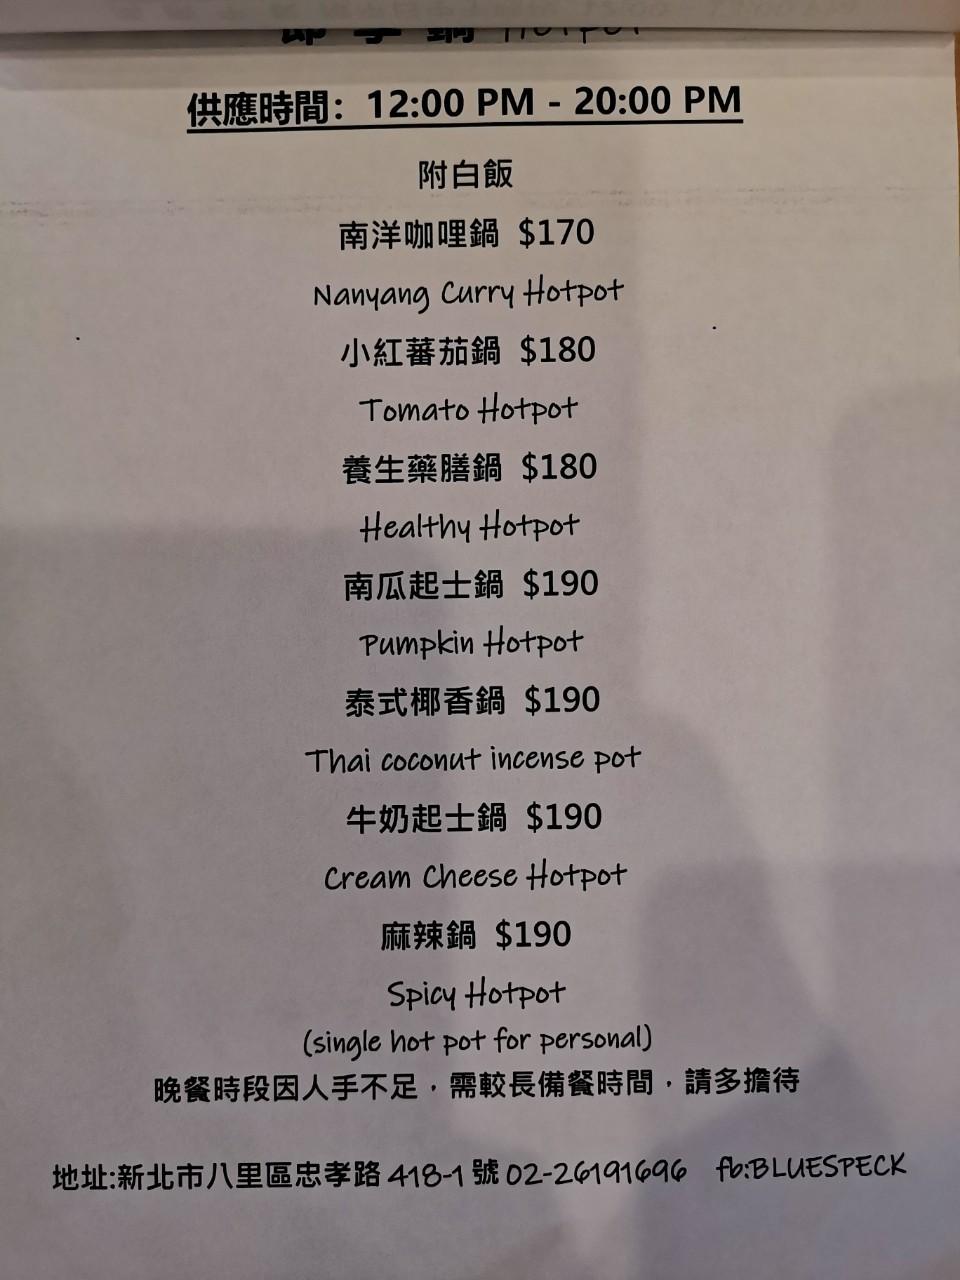 新北八里網美打卡景點美食餐廳 藍點咖啡 BLUE SPECK CAFE menu菜單